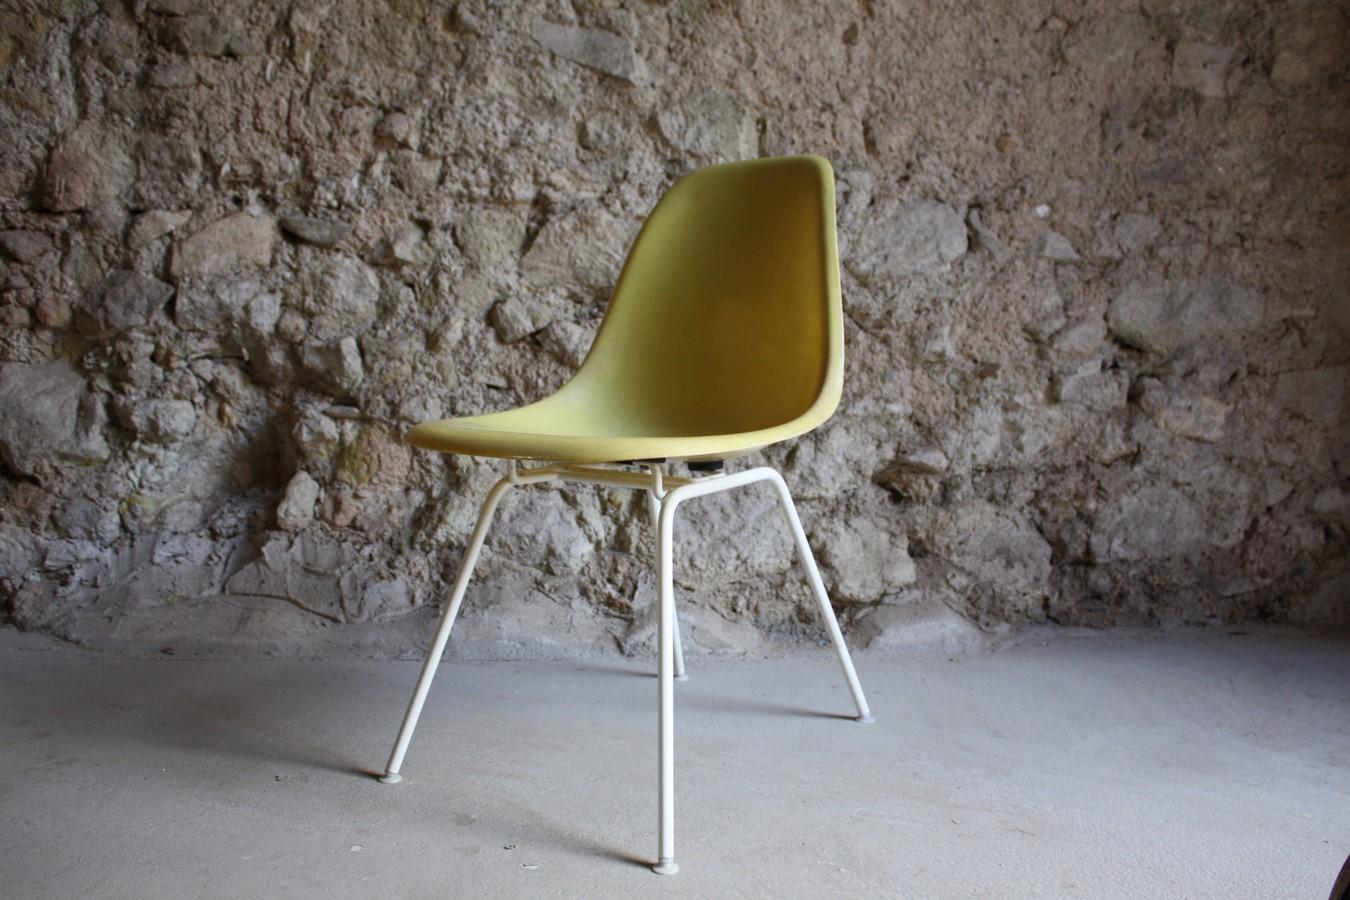 Eames Vitra Herman Miller Side Chair Fiberglas Designer Stühle Stuhl gebraucht Vintage Antik (50) a